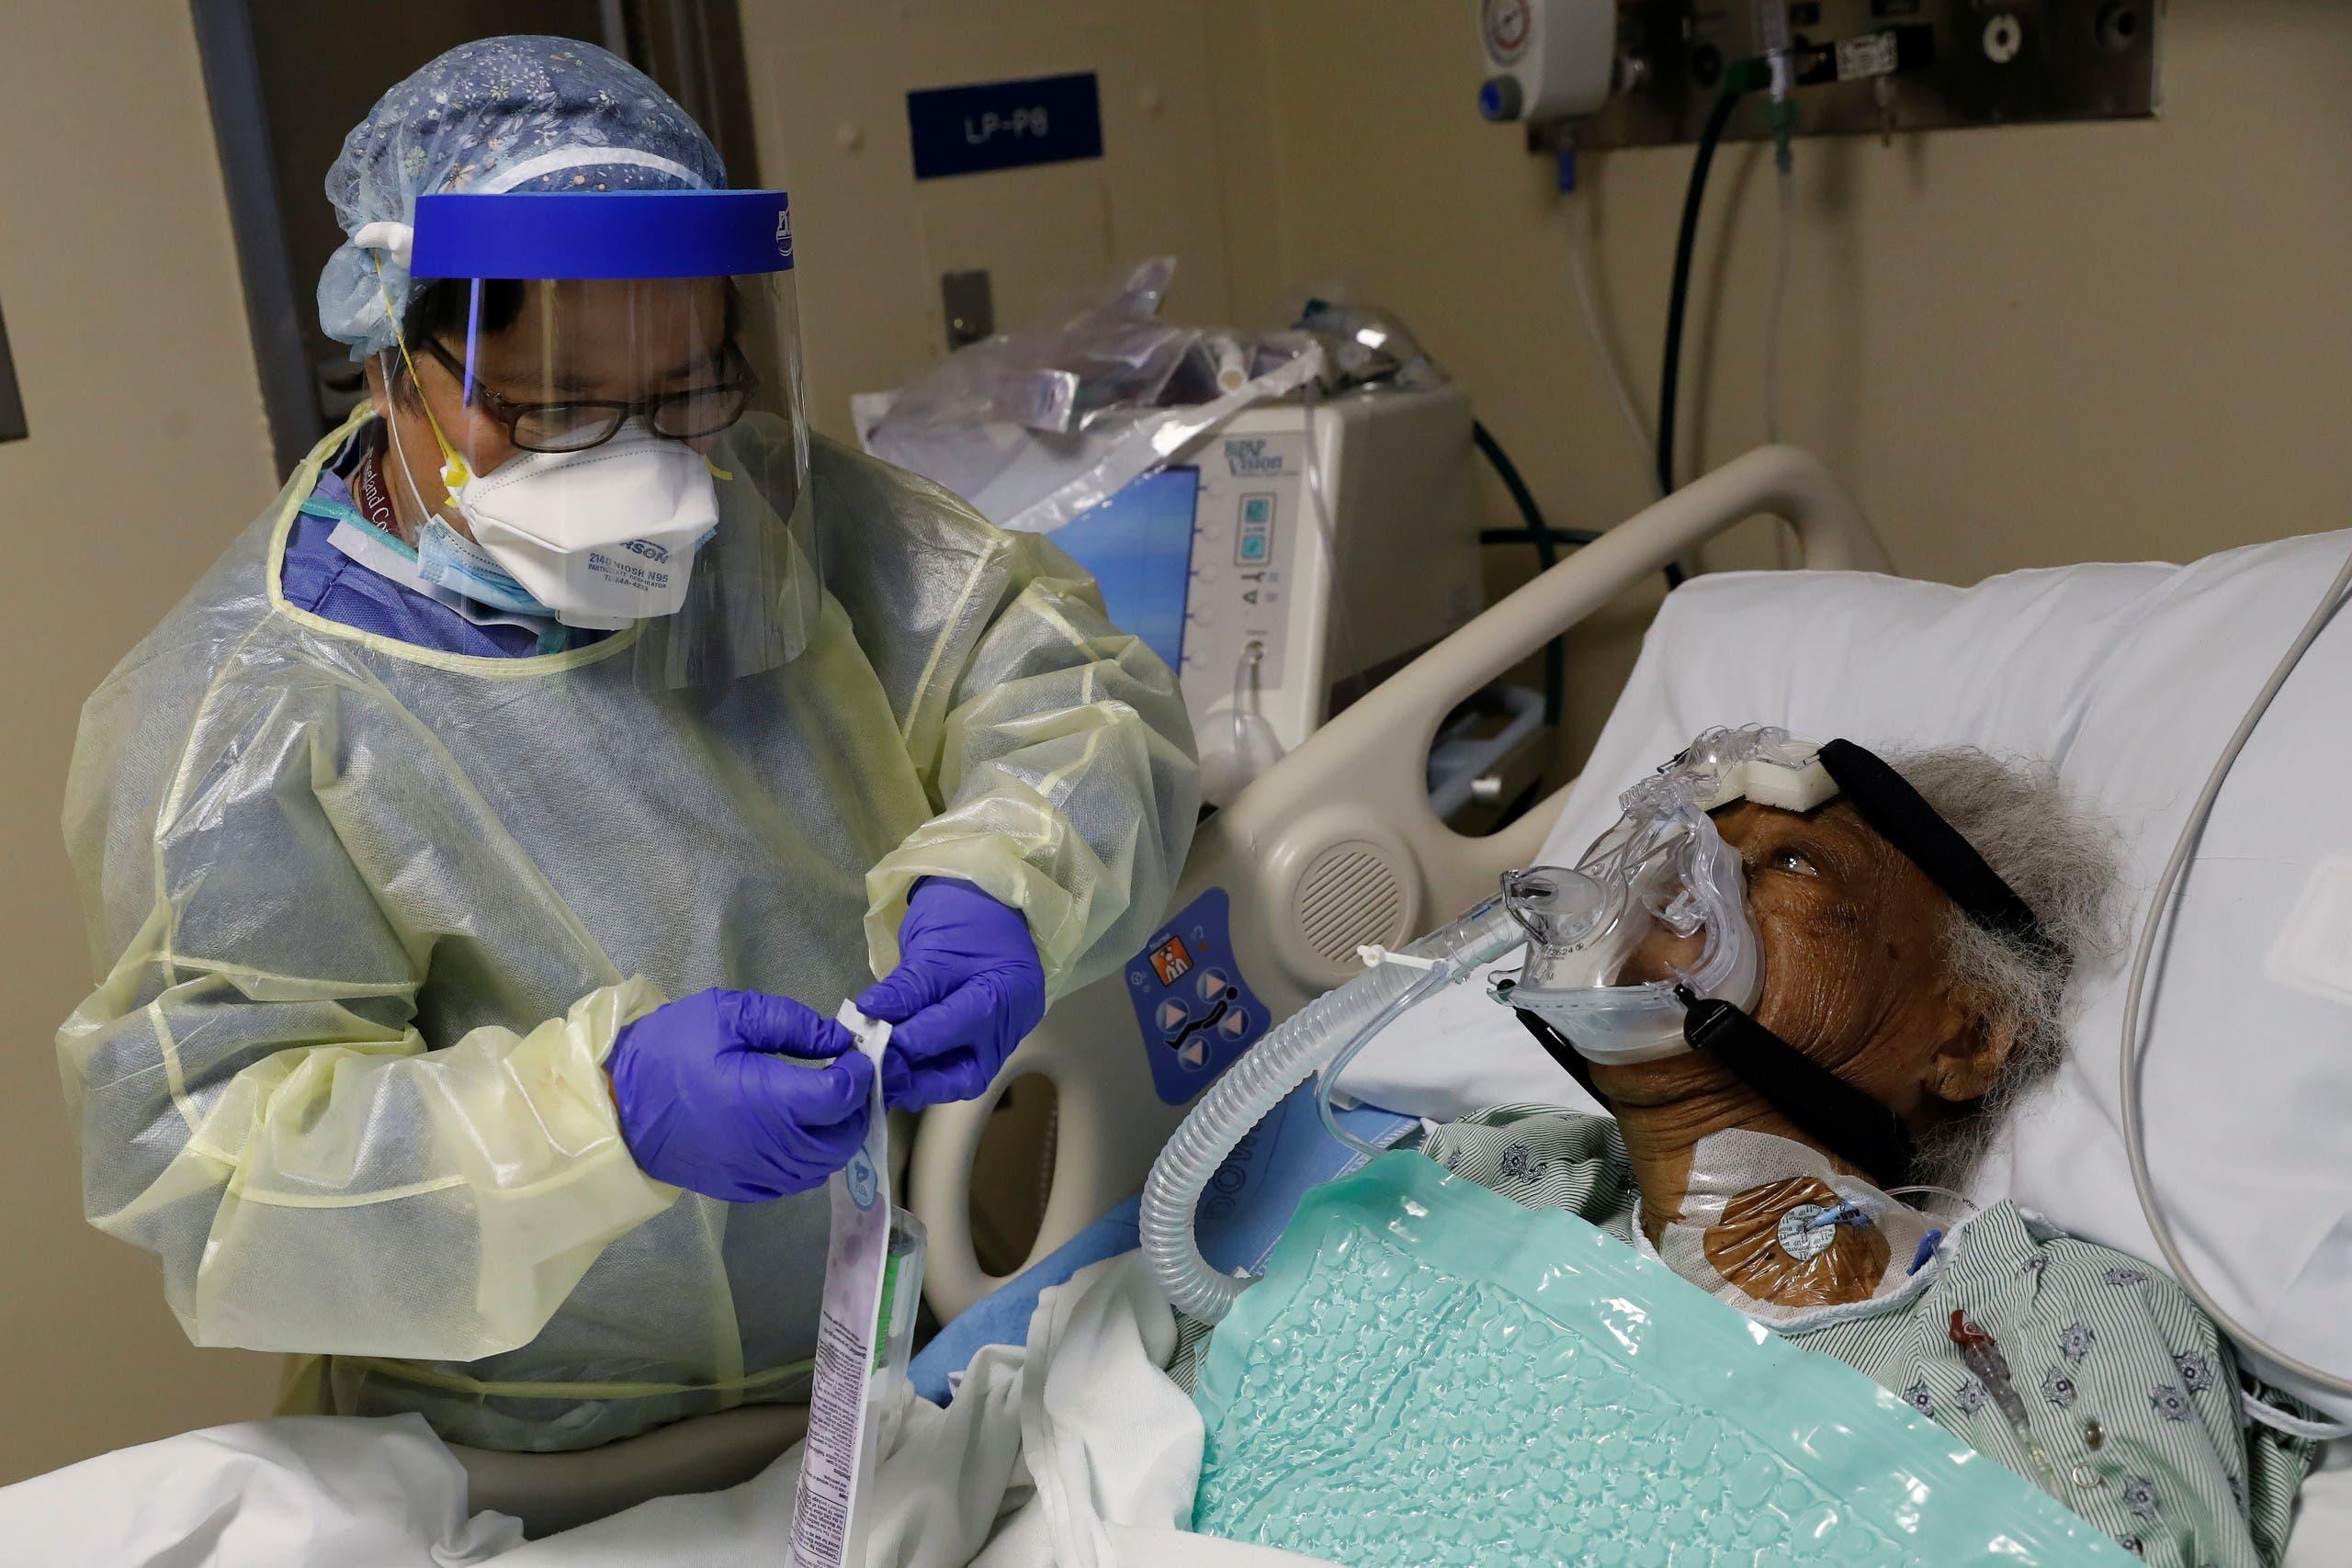 العناية بمصابة بكورونا في أحد مستشفيات شيكاغو في الولايات المتحدة